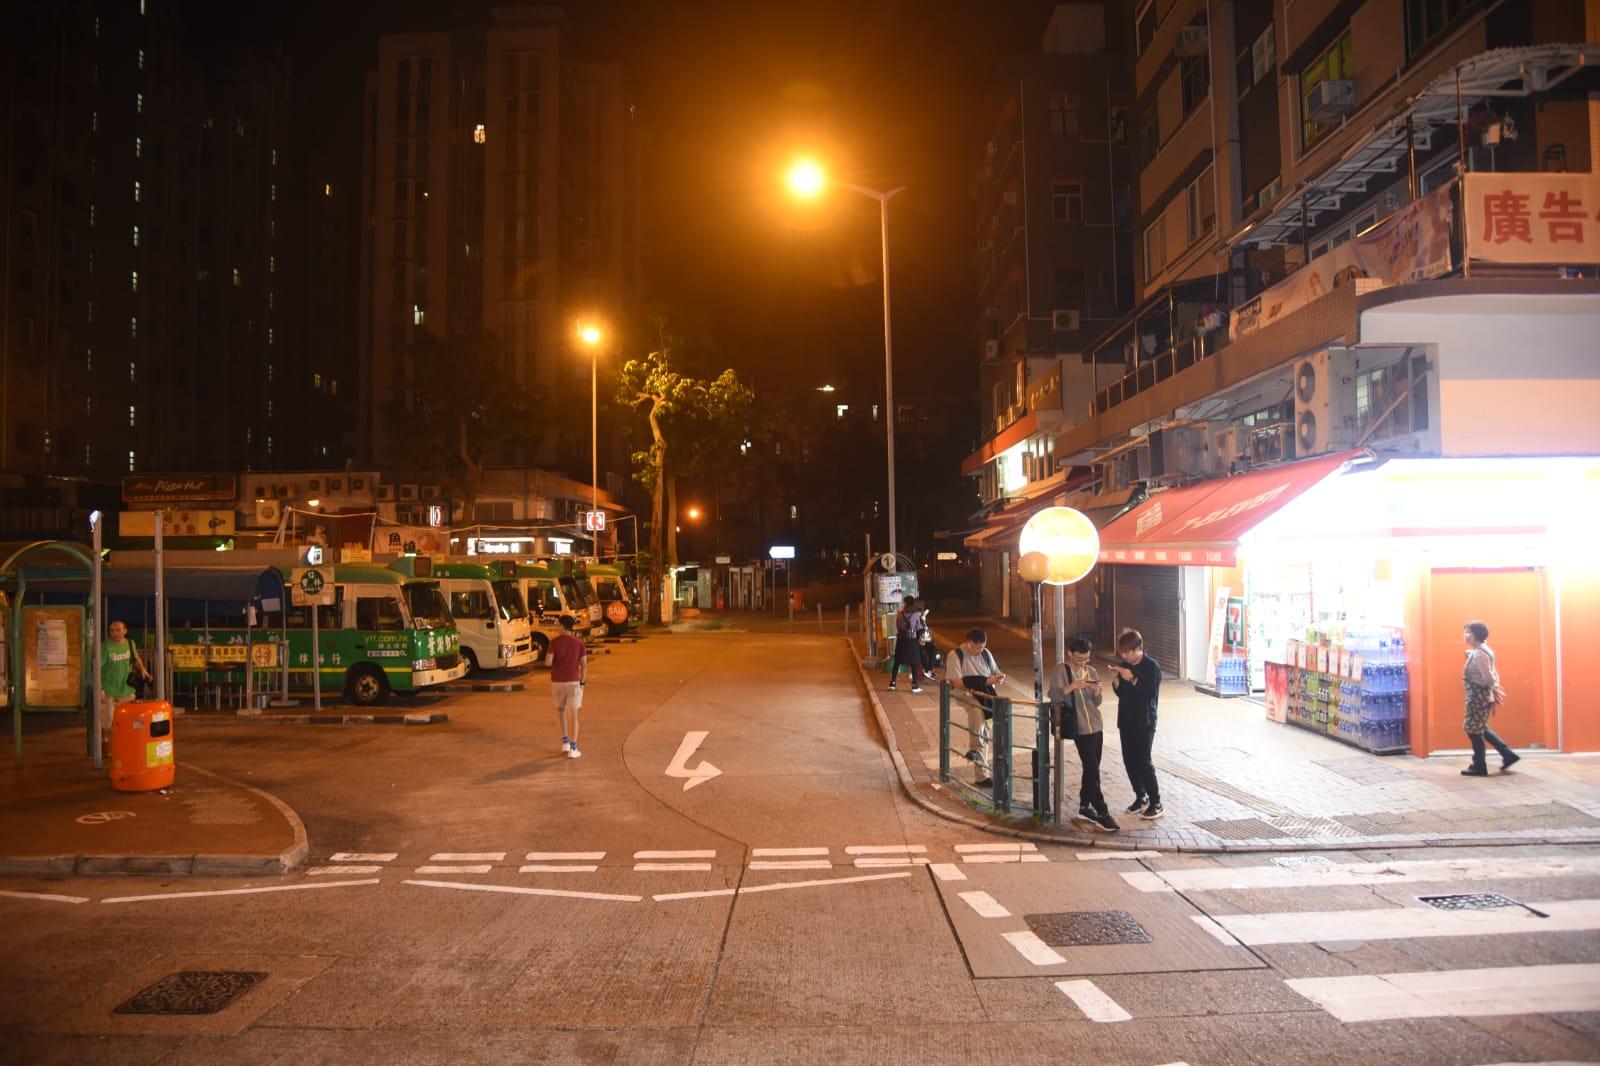 西貢小巴溜前撞便利店燈箱。